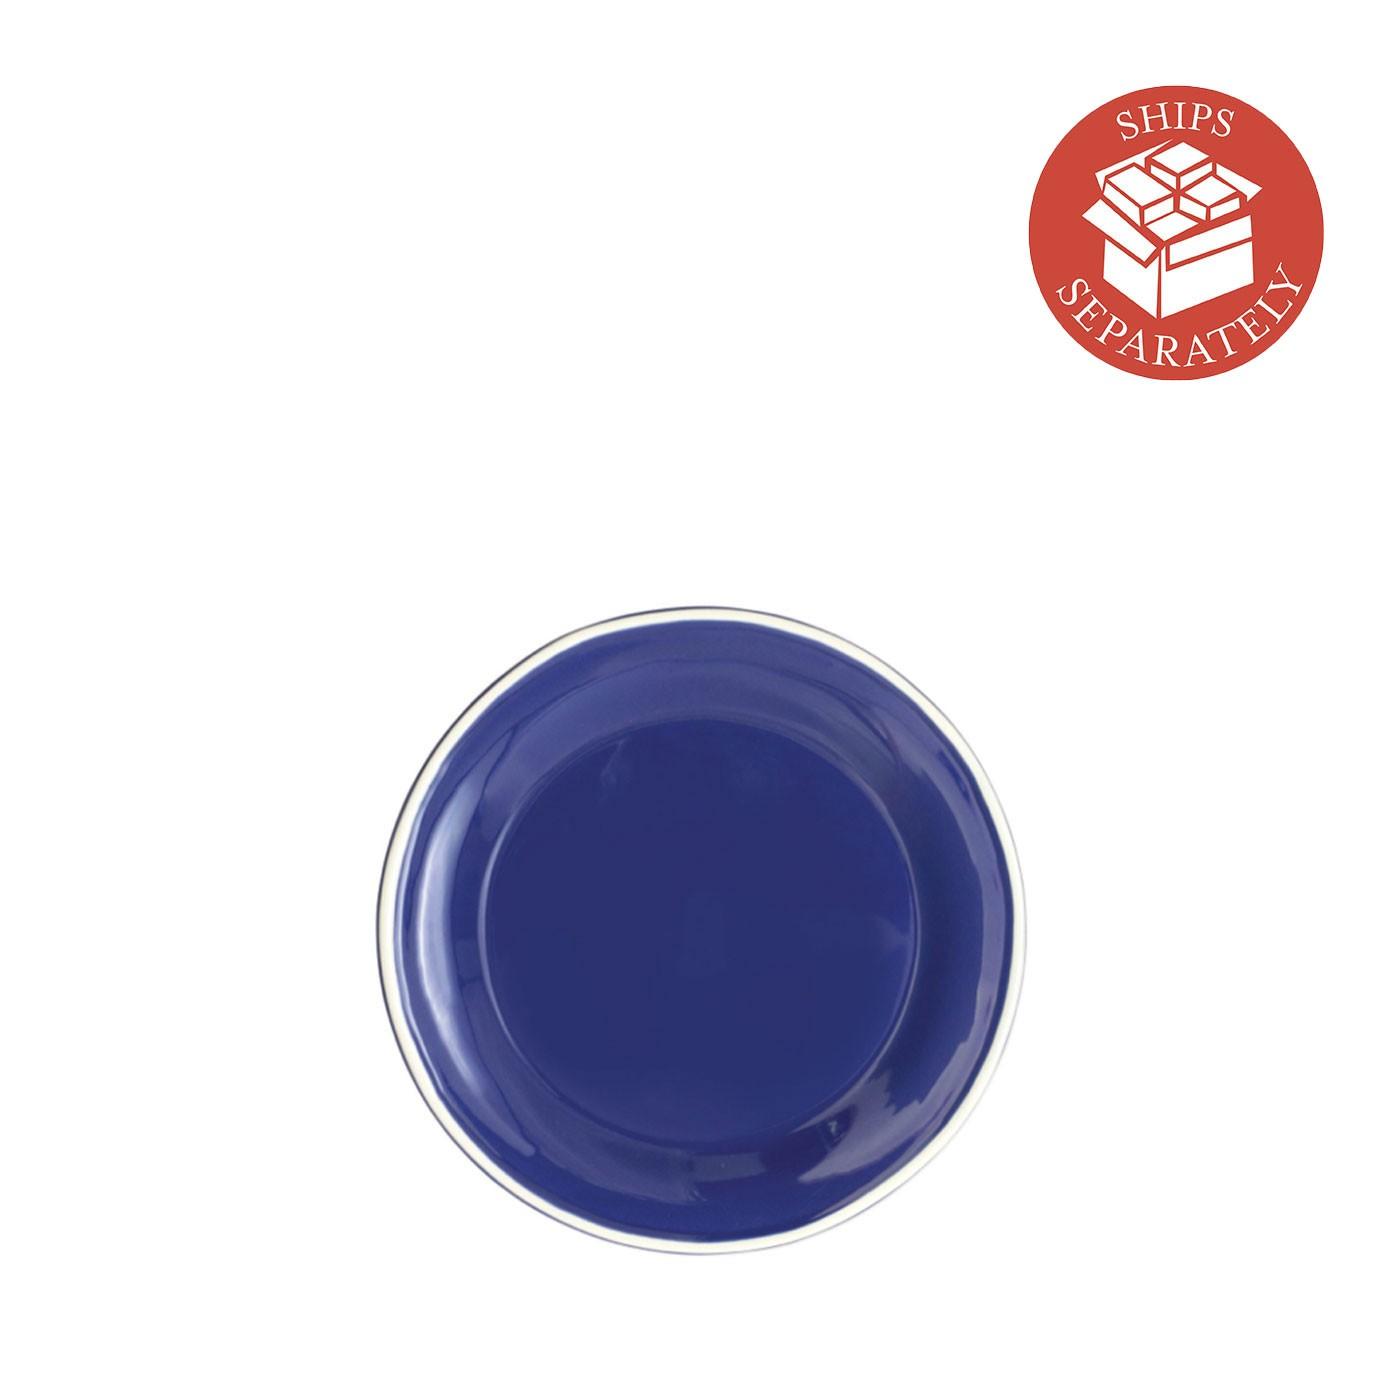 Chroma Blue Salad Plate - Vietri   Eataly.com